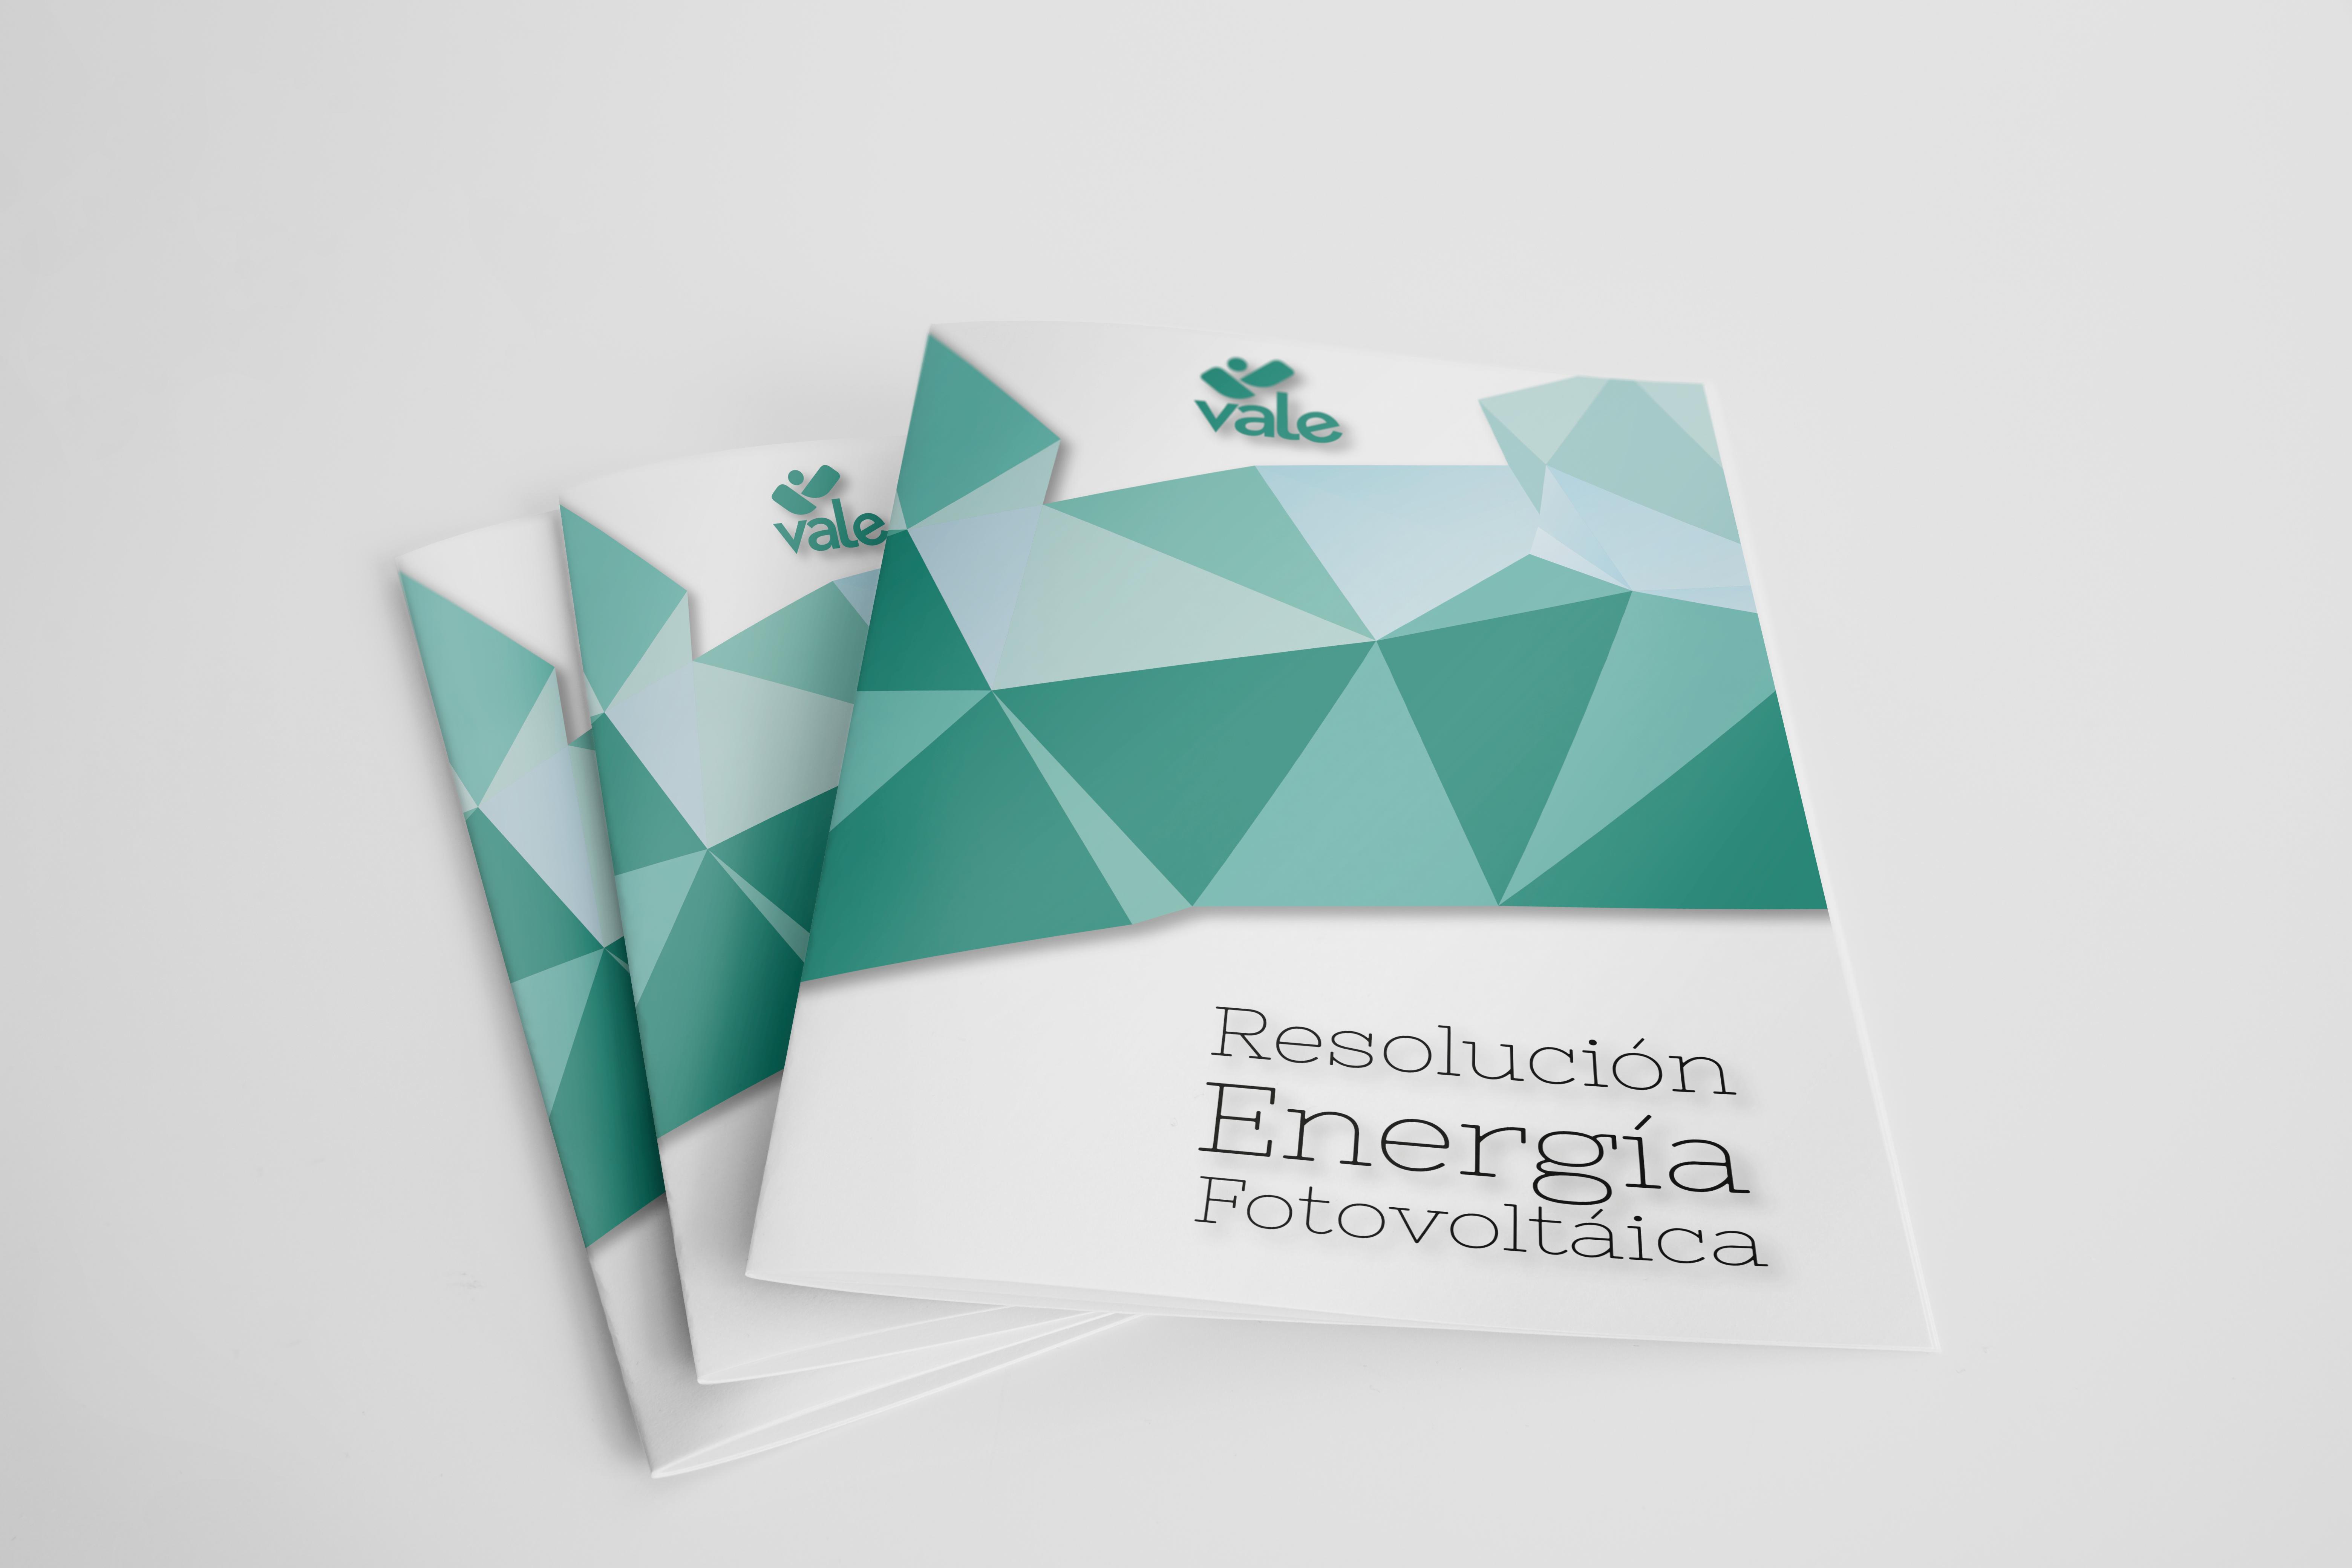 Resolución Energía Fotovoltáica